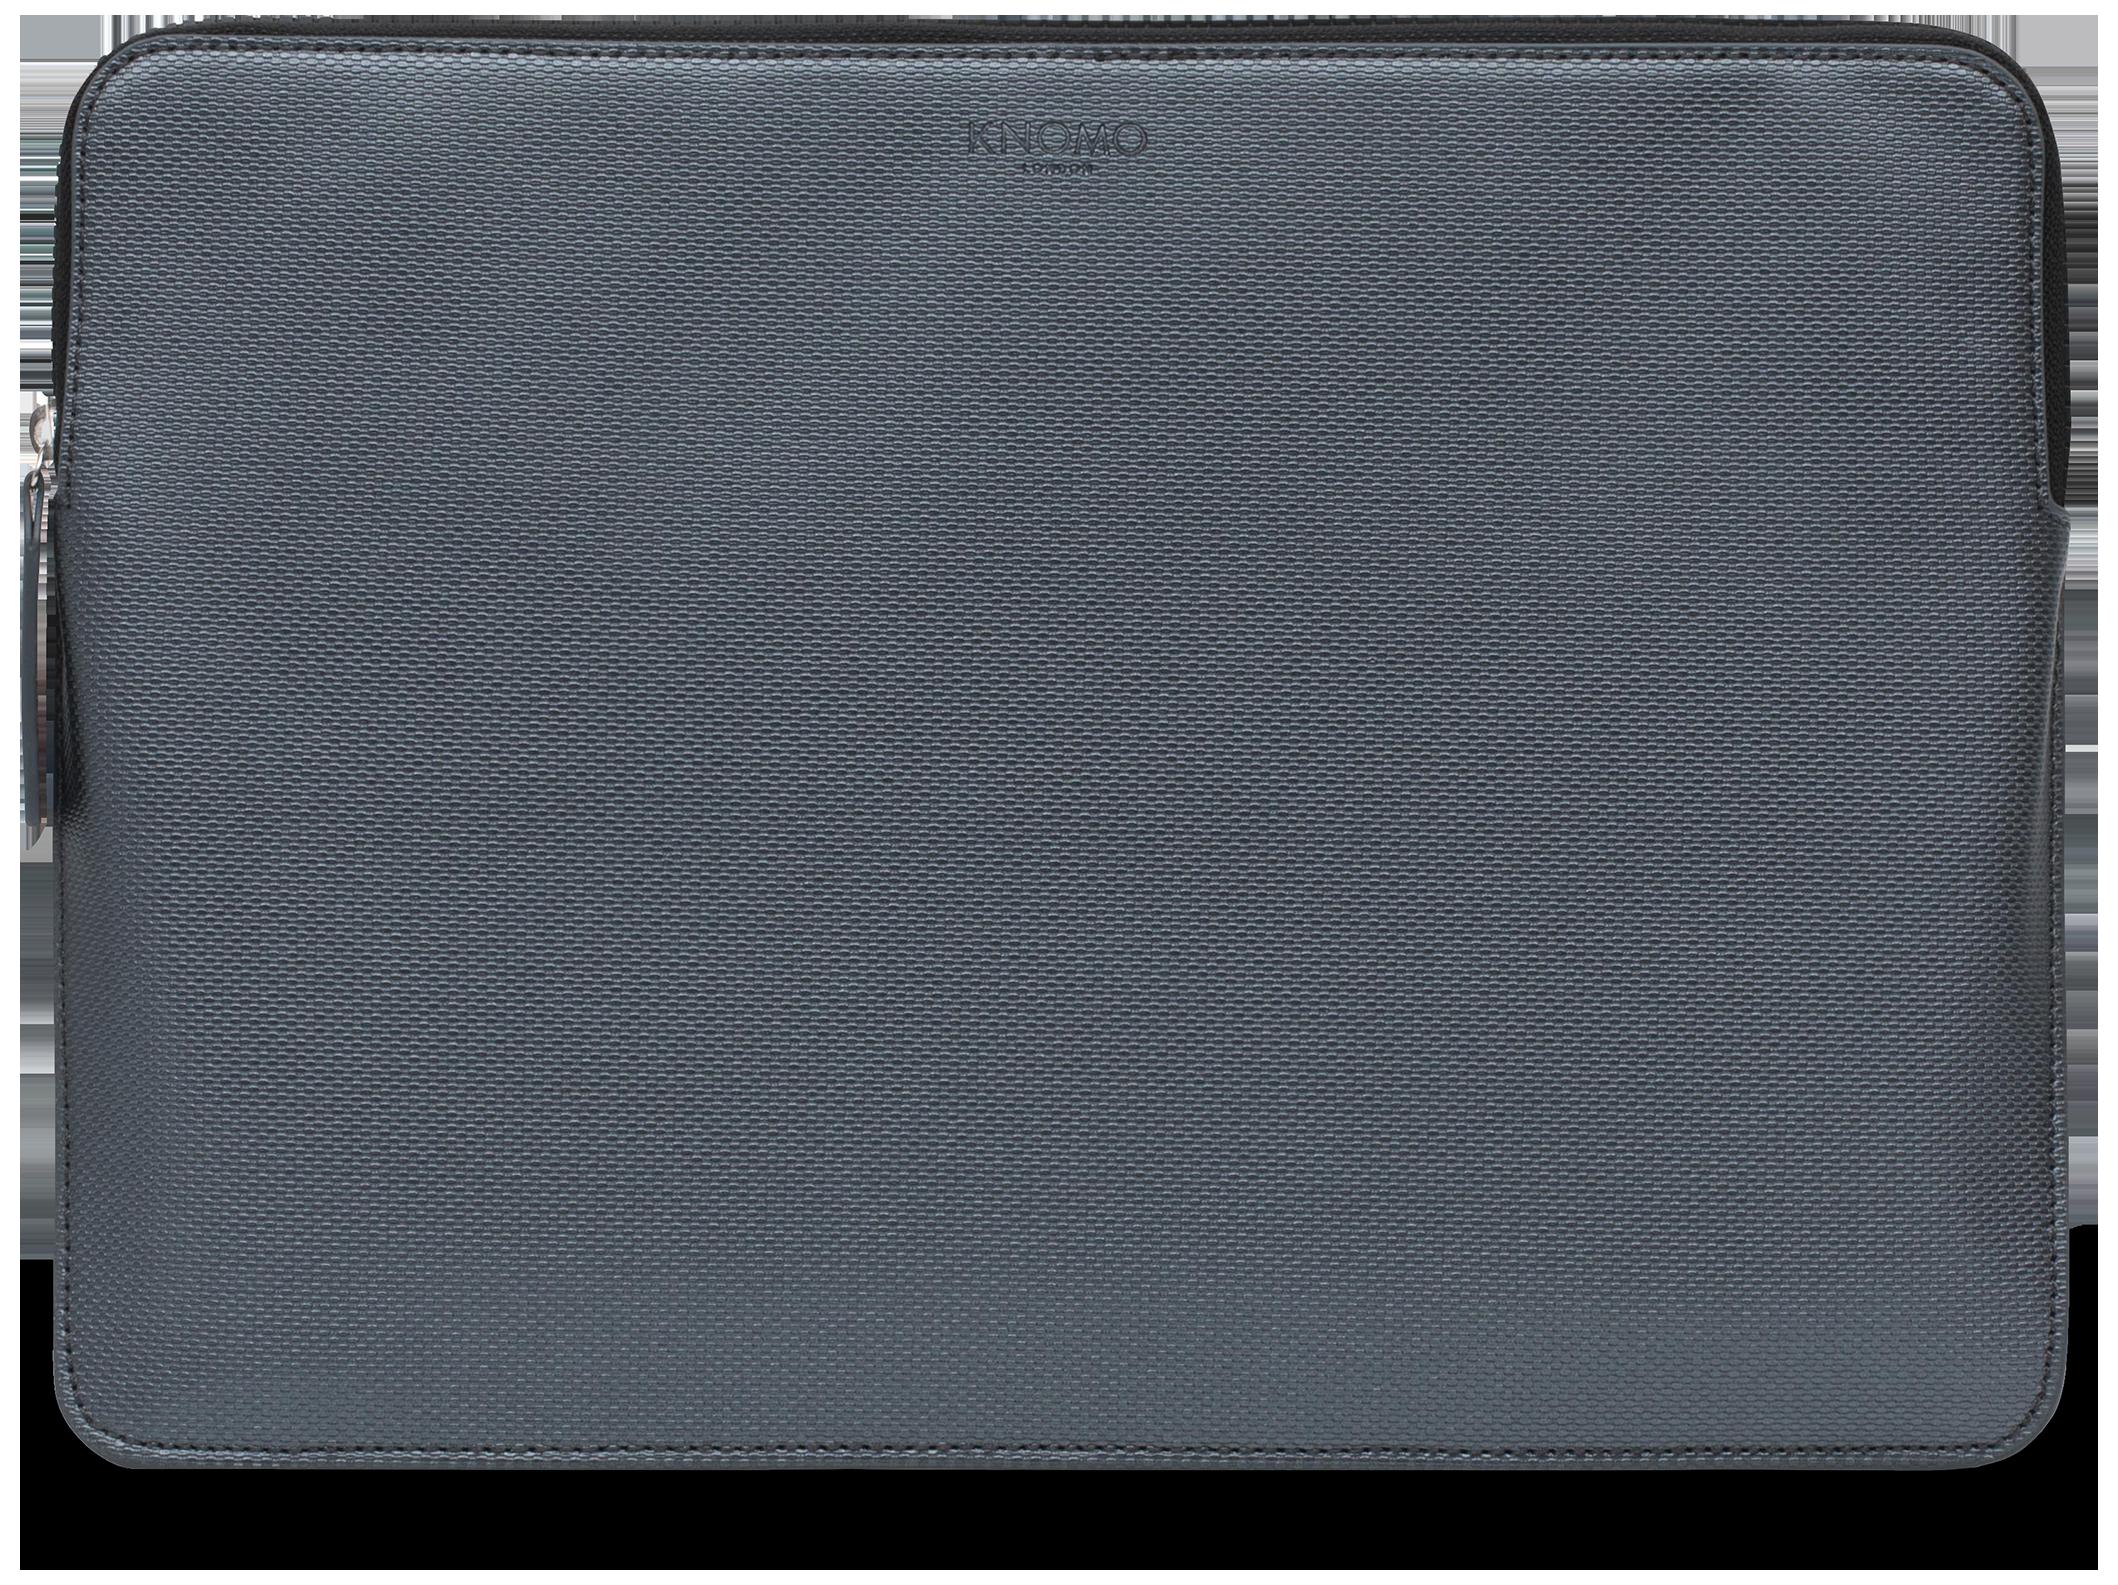 Bild von Knomo Geprägte Schutzhülle 13-Zoll-Laptop (Silber)